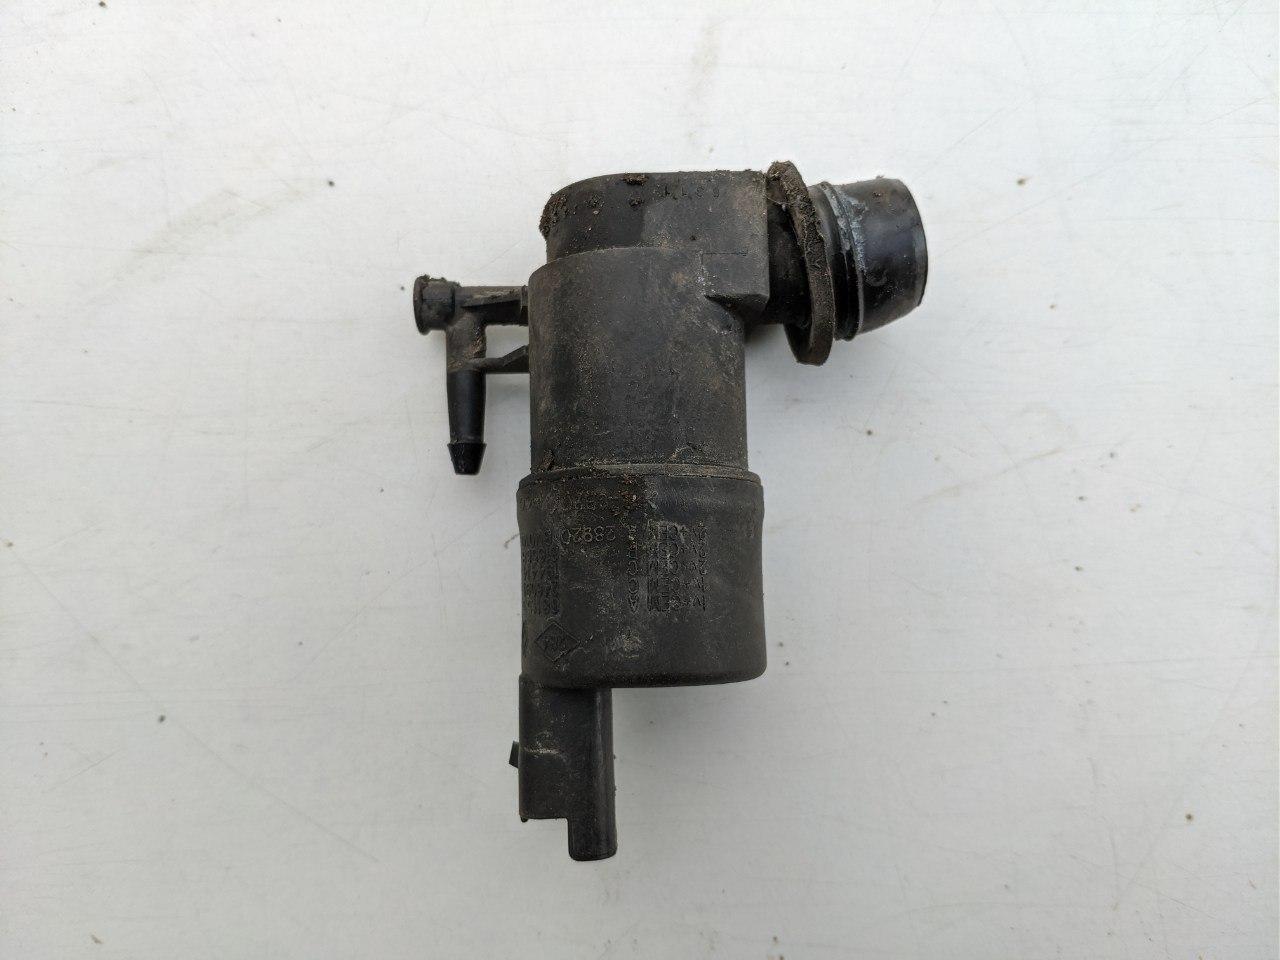 Моторчик бачка стеклоомывателя (1 выход) Renault Master, Opel Movano 2010-, 9641553880 (Б/У)